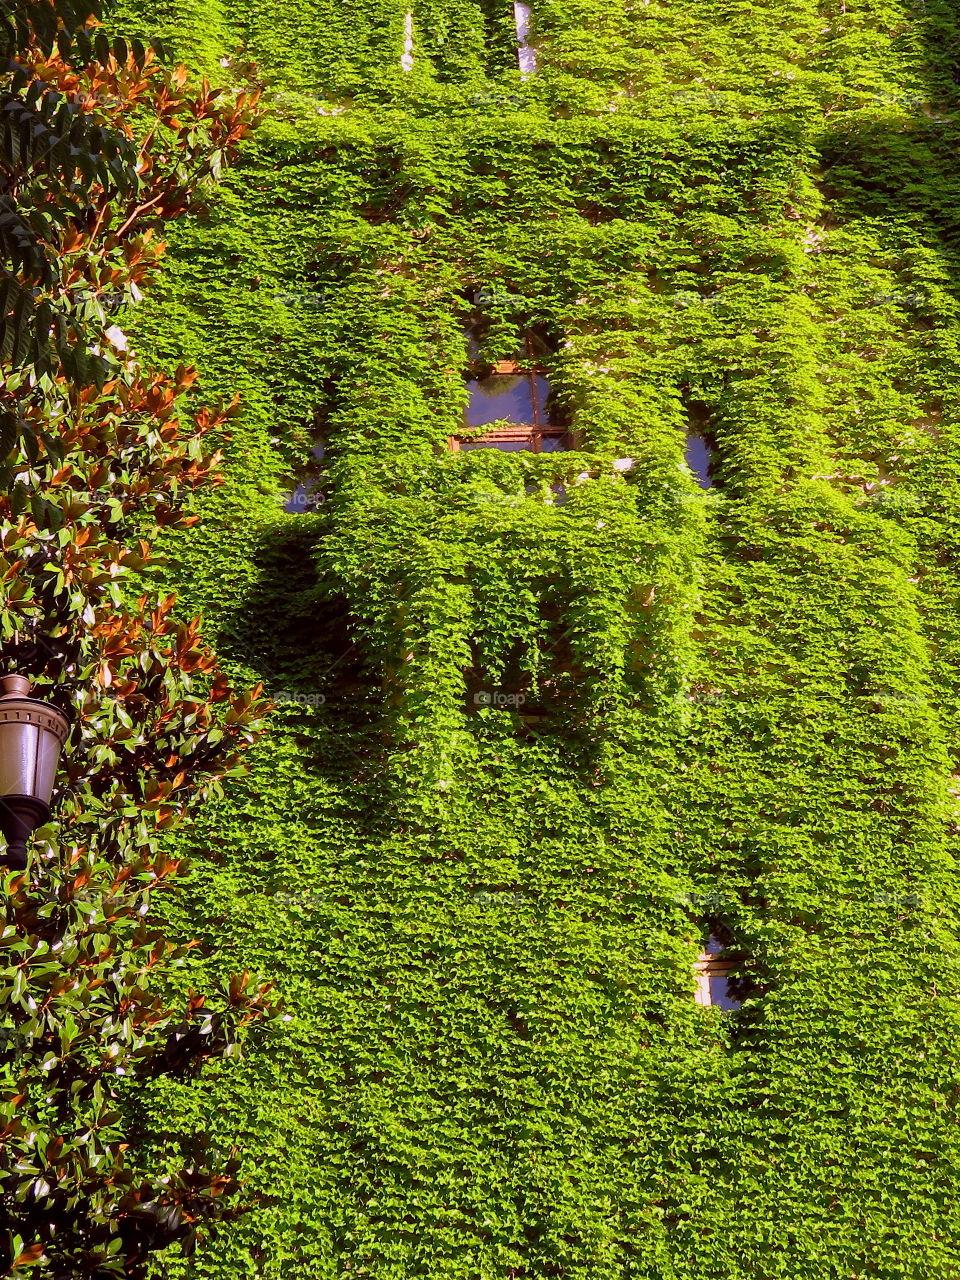 Urban green waterfall